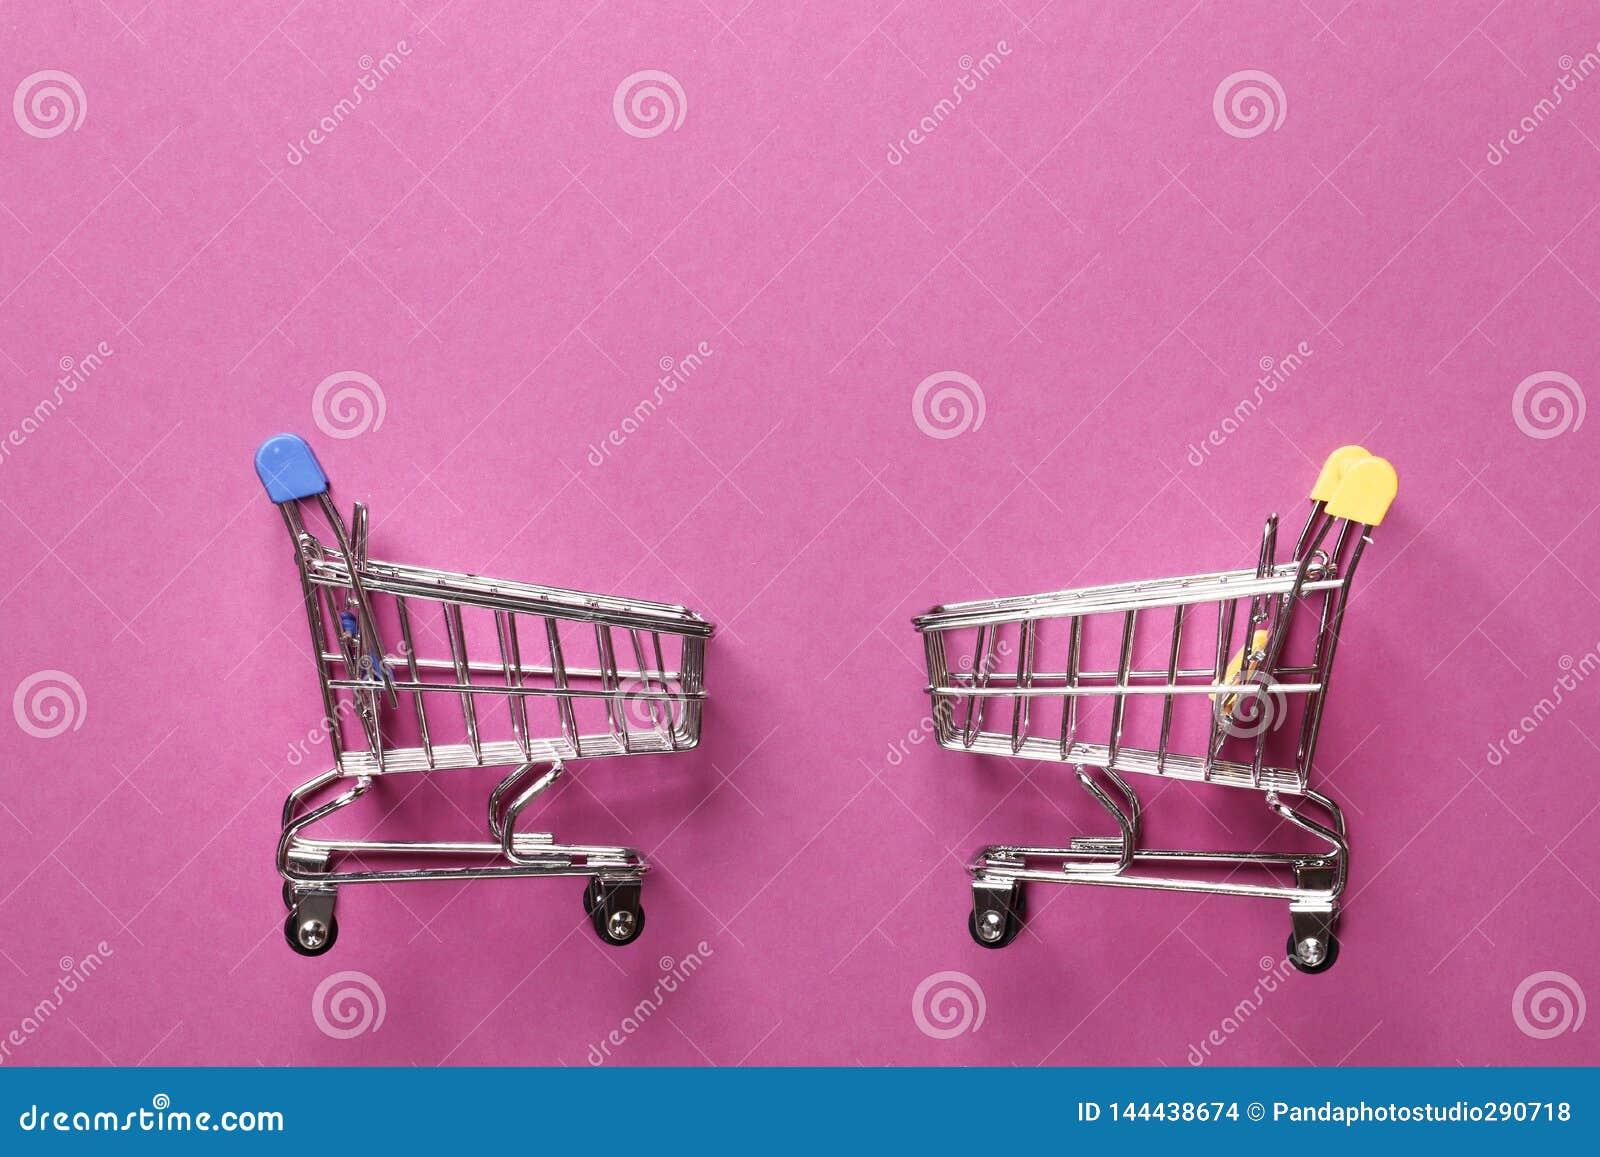 H?pferwagen auf einem rosa Hintergrund